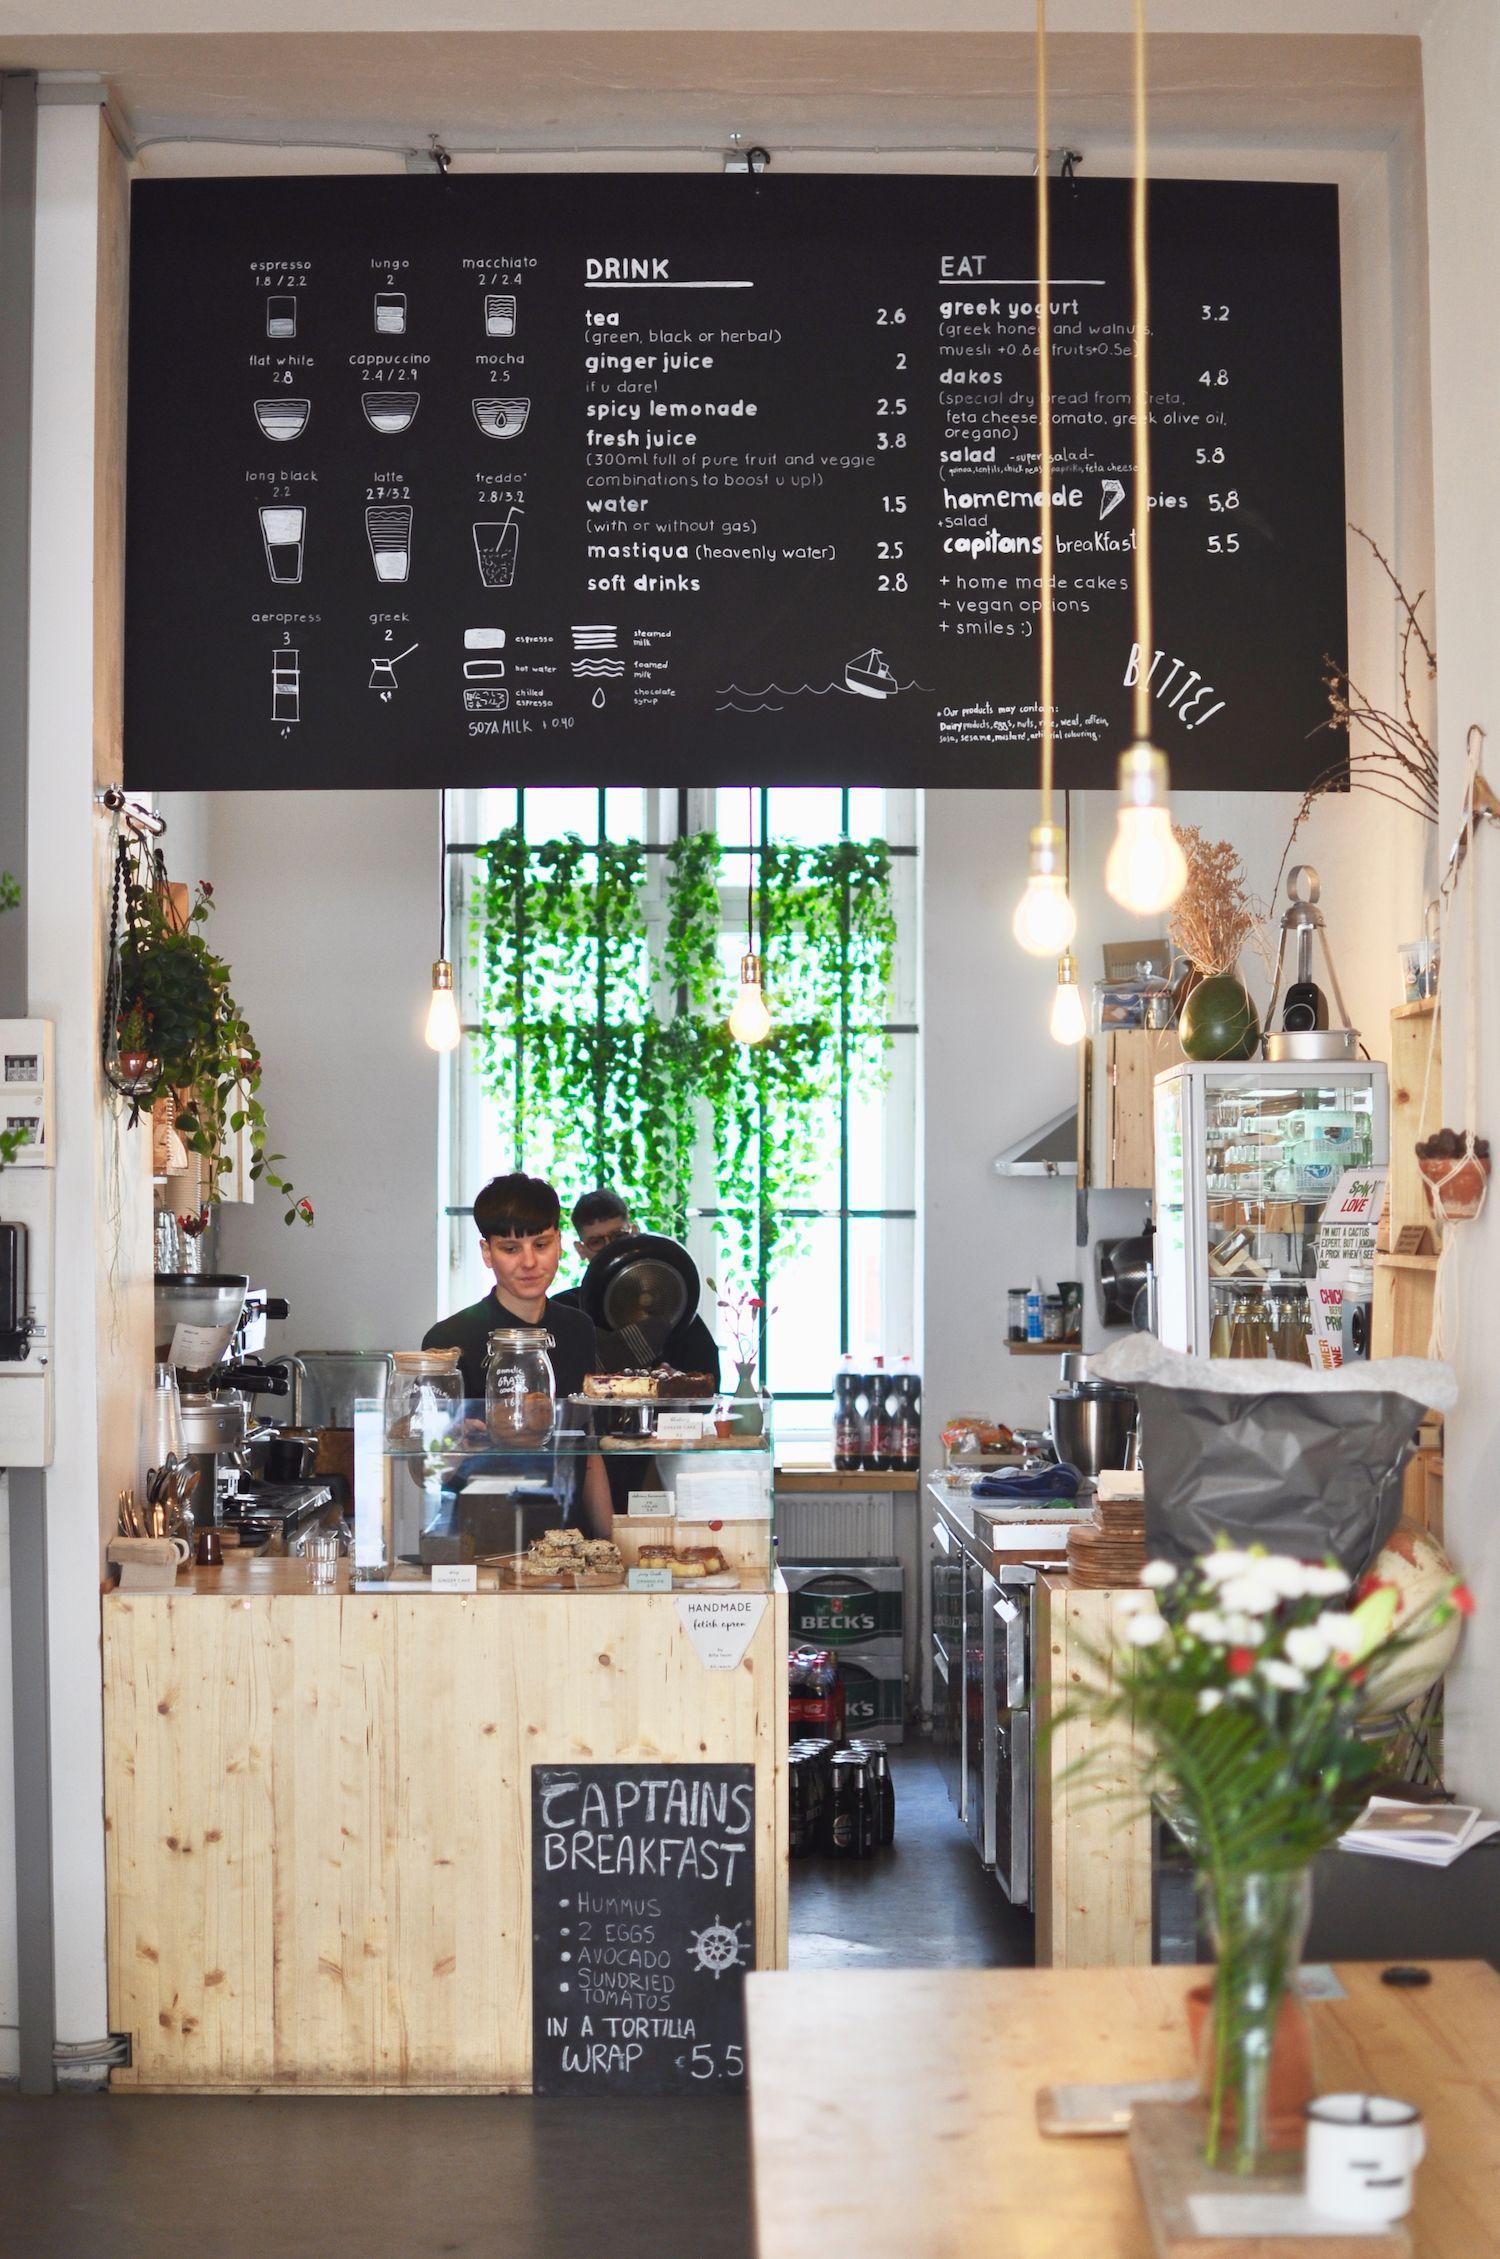 efecc5ea5d5856 Berlin Travel & Coffee Guide | cafe culture | Cozy coffee shop ...